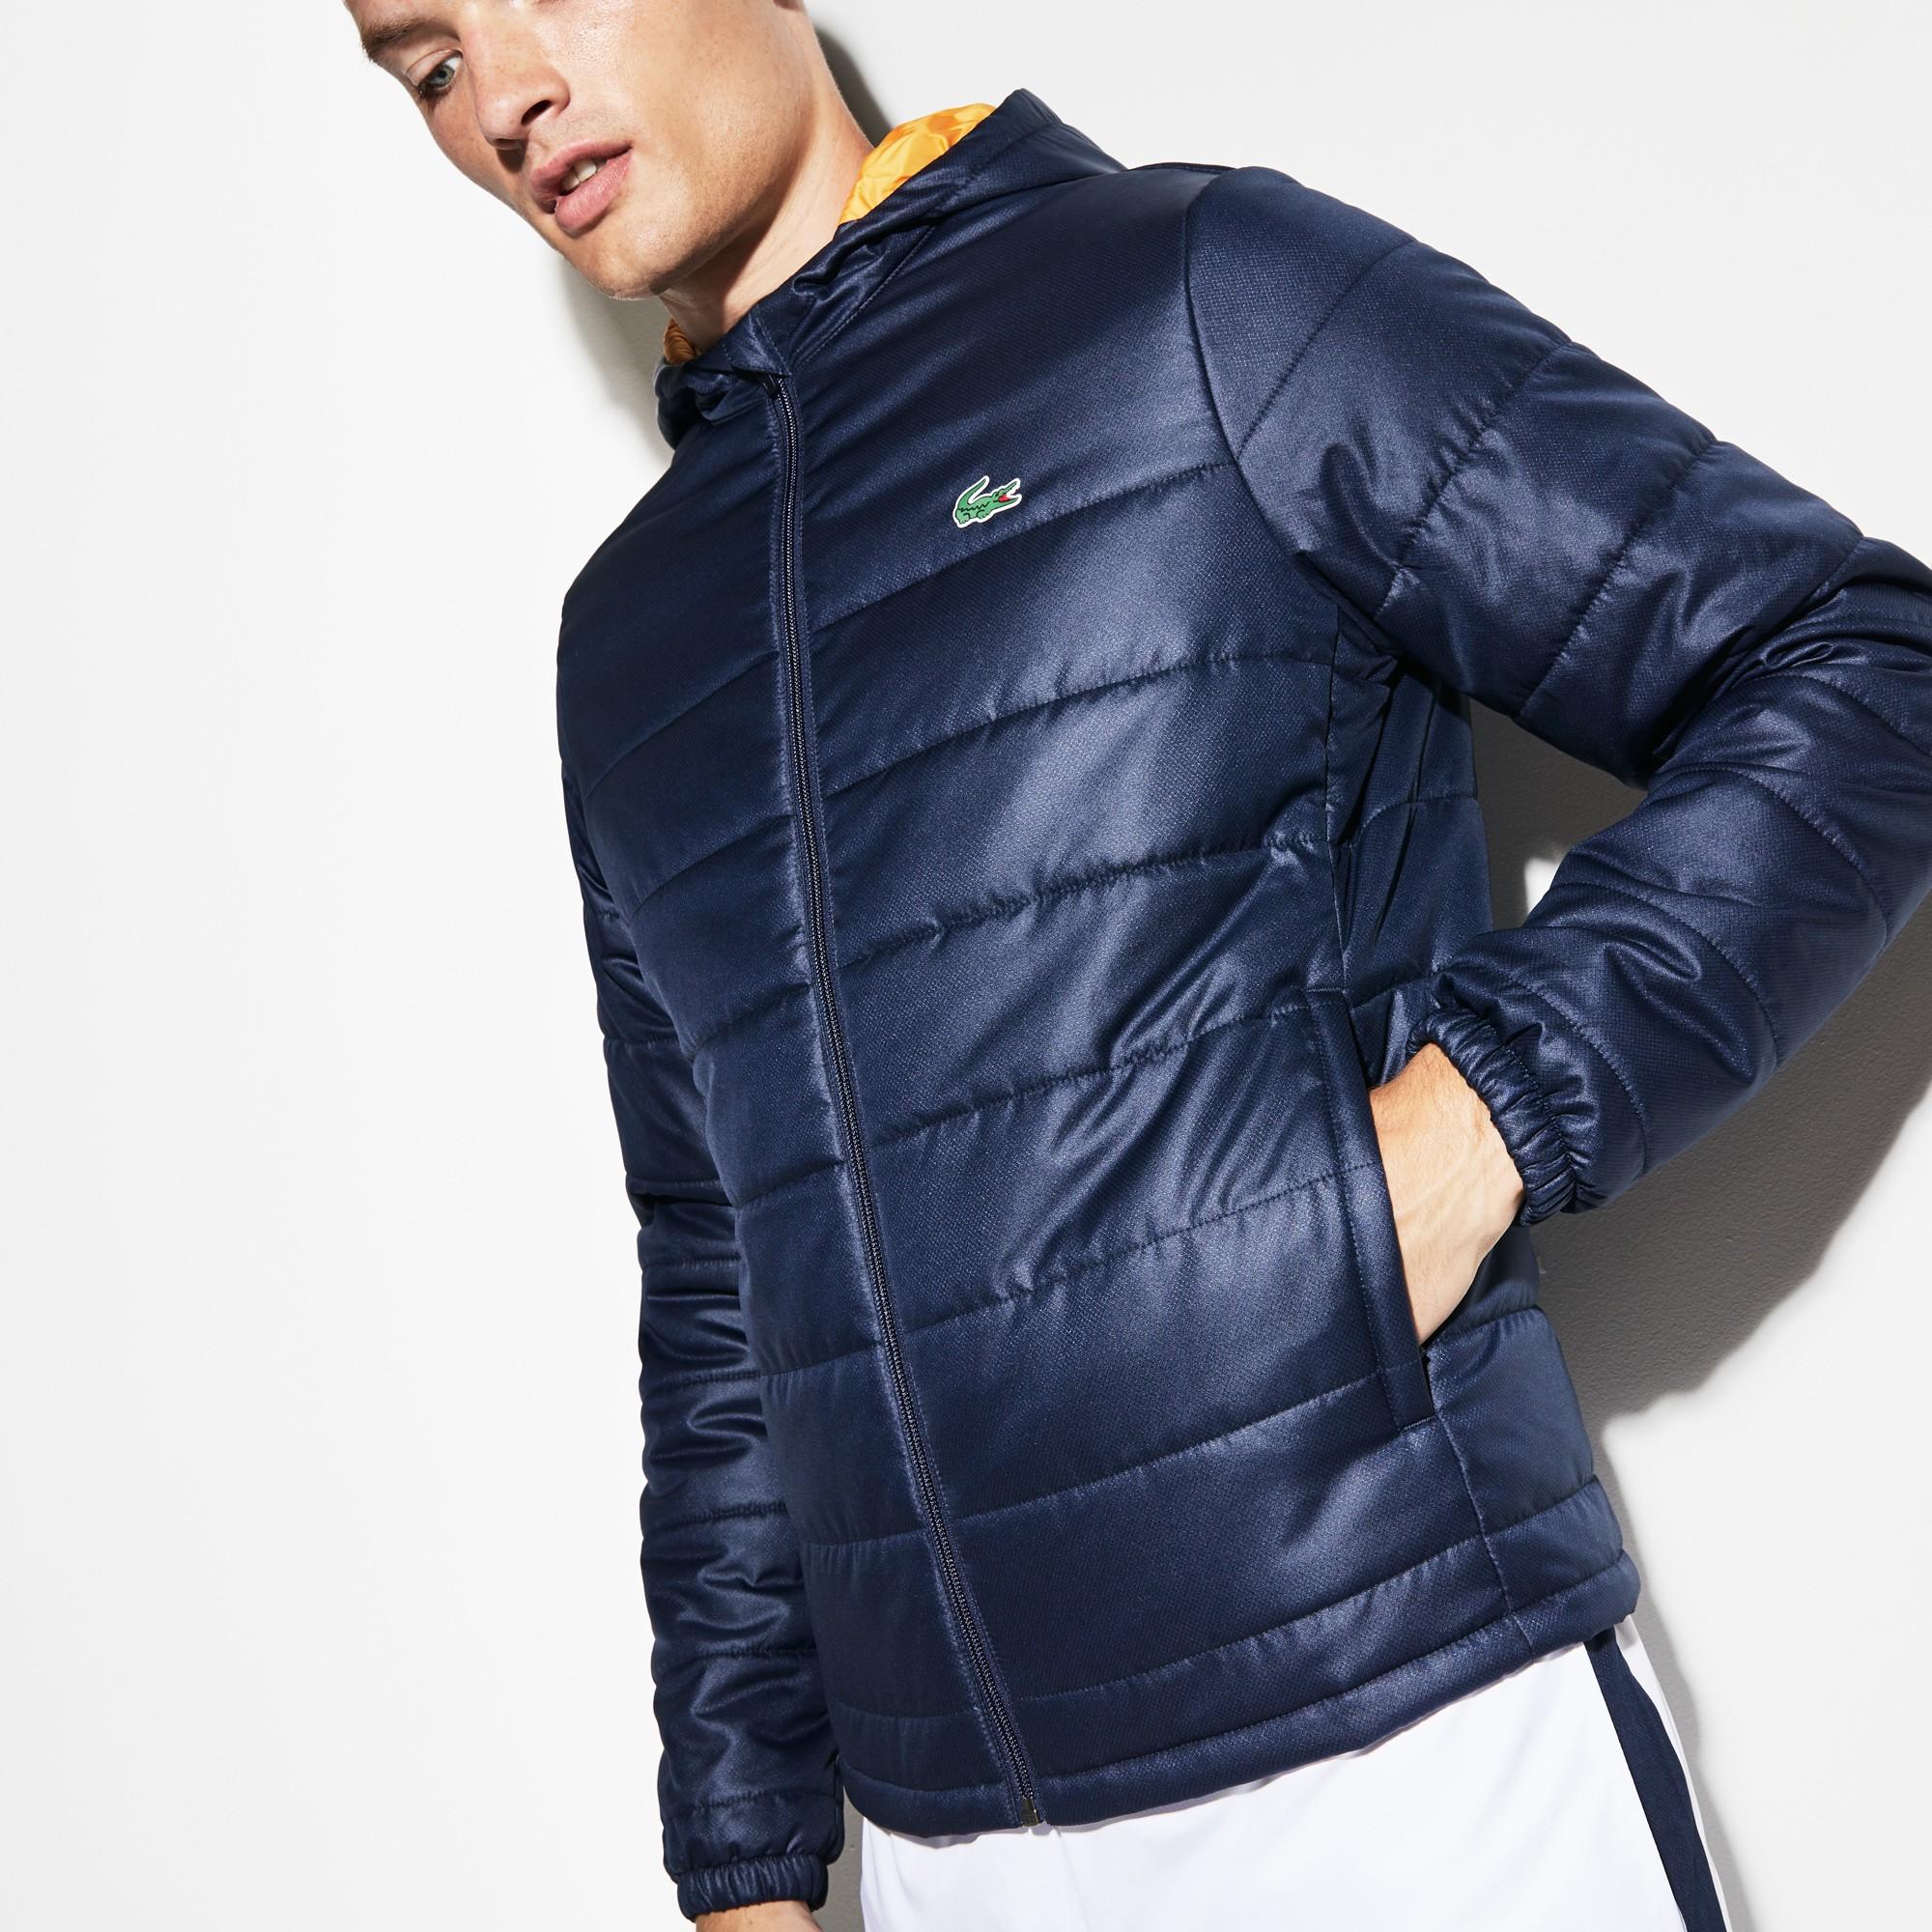 8eed9fe57c Lacoste Men's Sport Hooded Water-Resistant Taffeta Tennis Jacket - Navy  Blue/Pomelo Xxl 7 Green